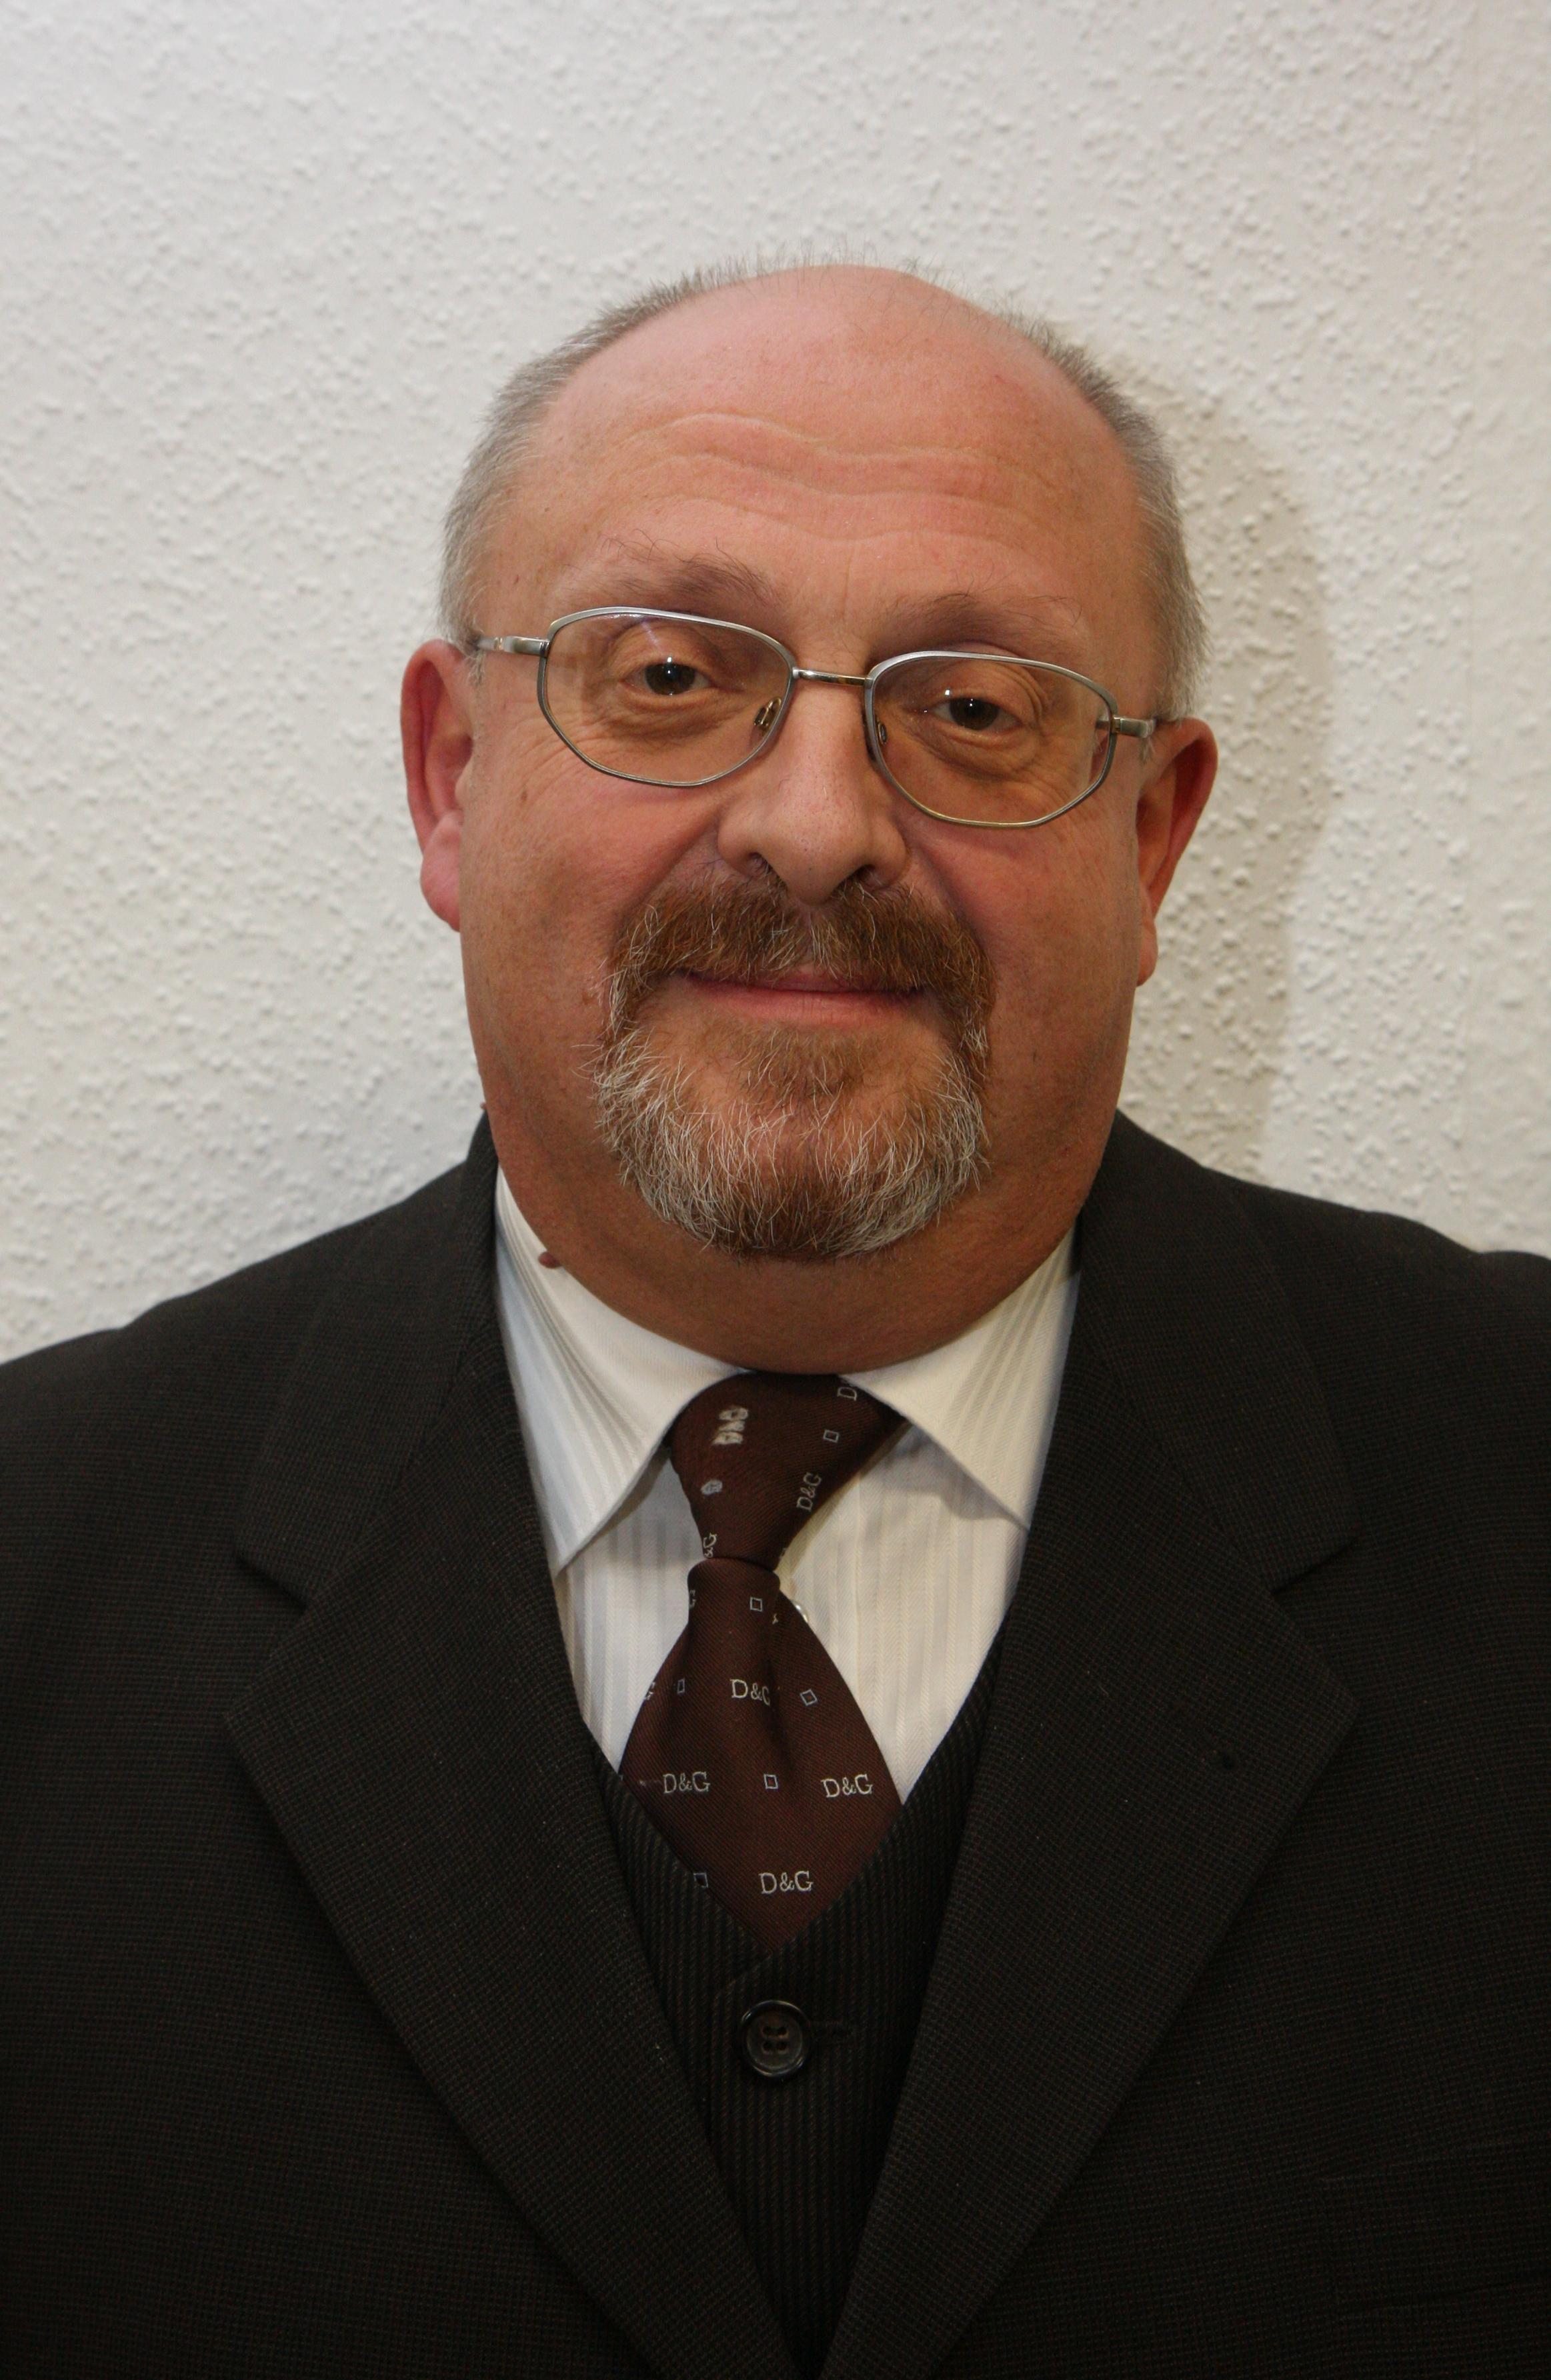 Kierownik Katedry i Kliniki: prof. dr hab. Wojciech Hagner